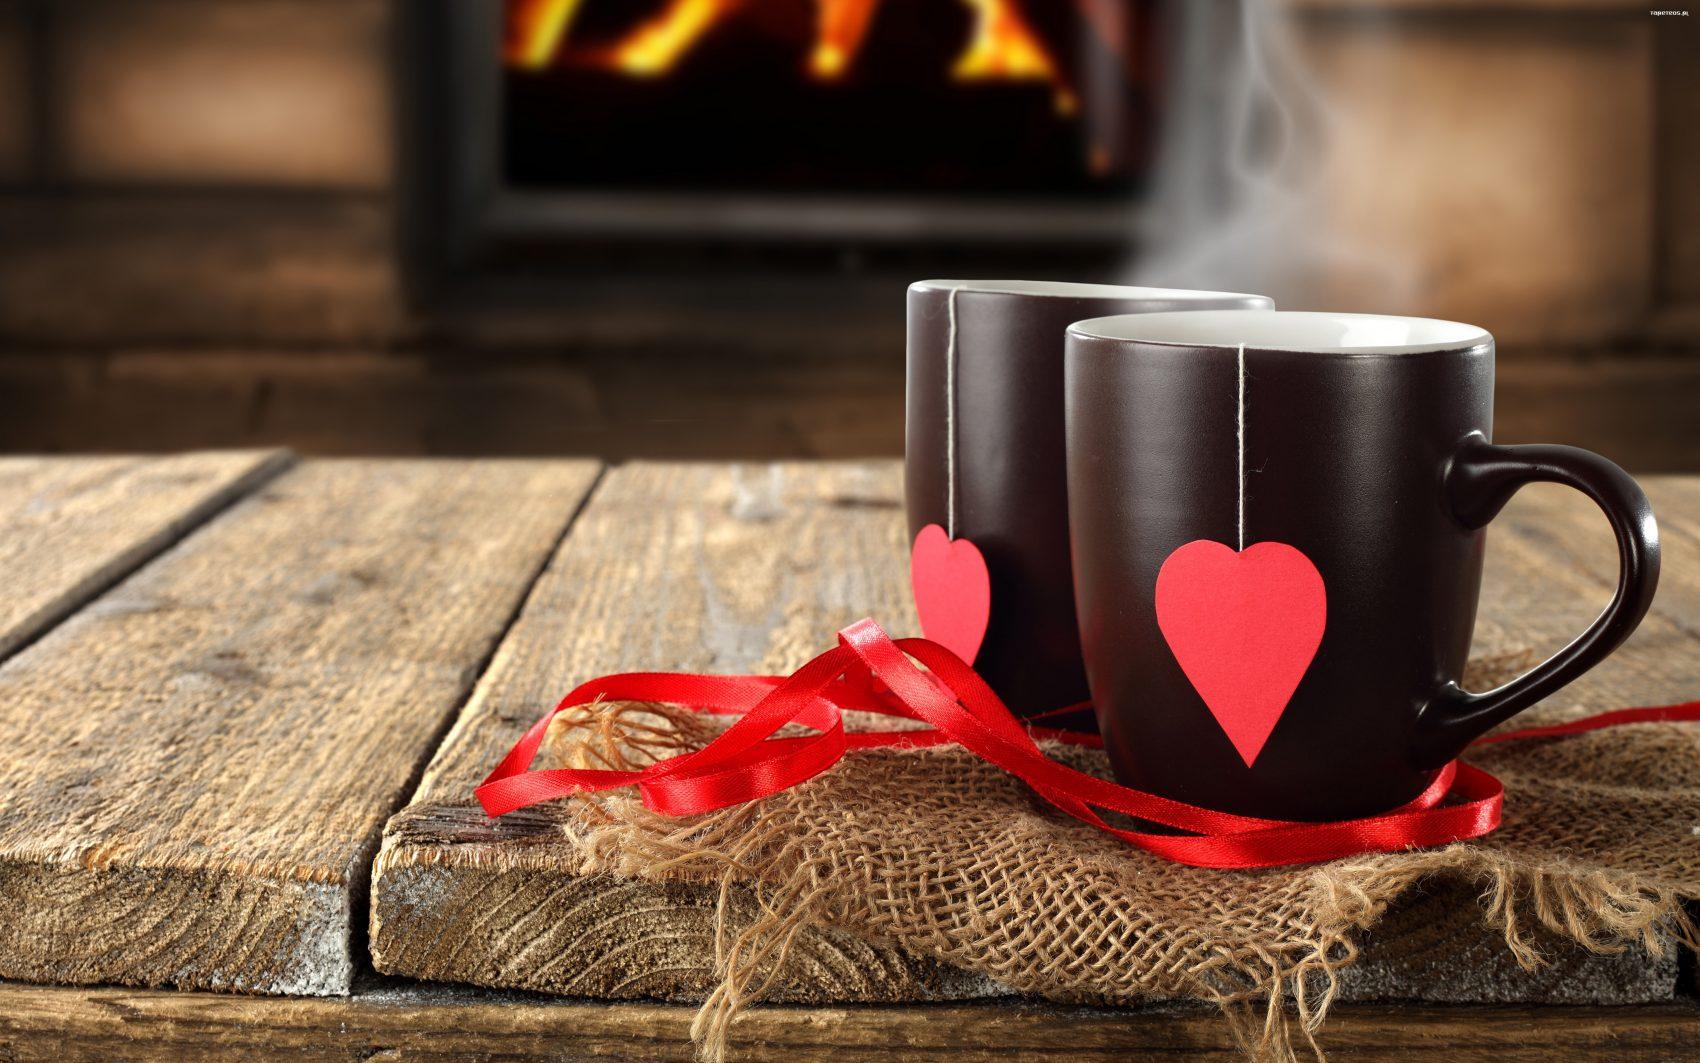 Dwa kubki z herbatą, a w tle kominek